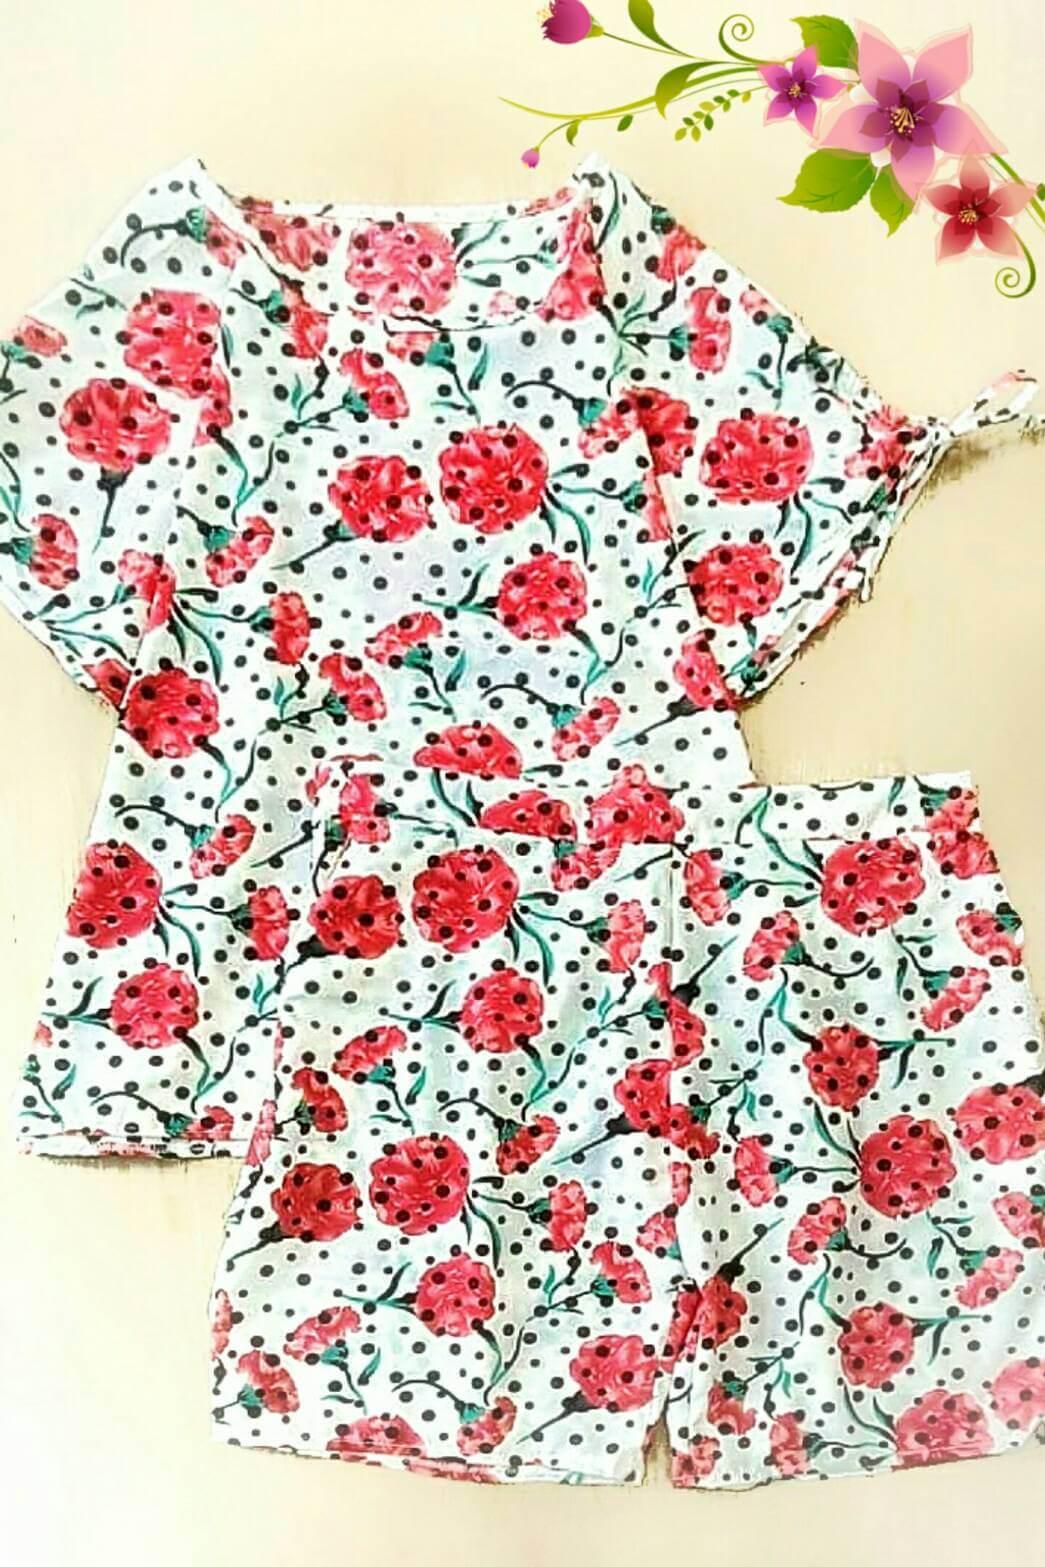 WOW SET : ชุดเซ็ํต Plussize 2 ชิ้น เสื้อแขนสั้นคอกลม ผ้าไหมอิตาลีลายดอกสดใส มาพร้อมกับ กางเกงขาสั้นผ้าเดียวกัน สม็อคเอวด้านหลัง กระเป๋า2ข้าง ไซส์ใหญ่ใส่สบายค่ะ